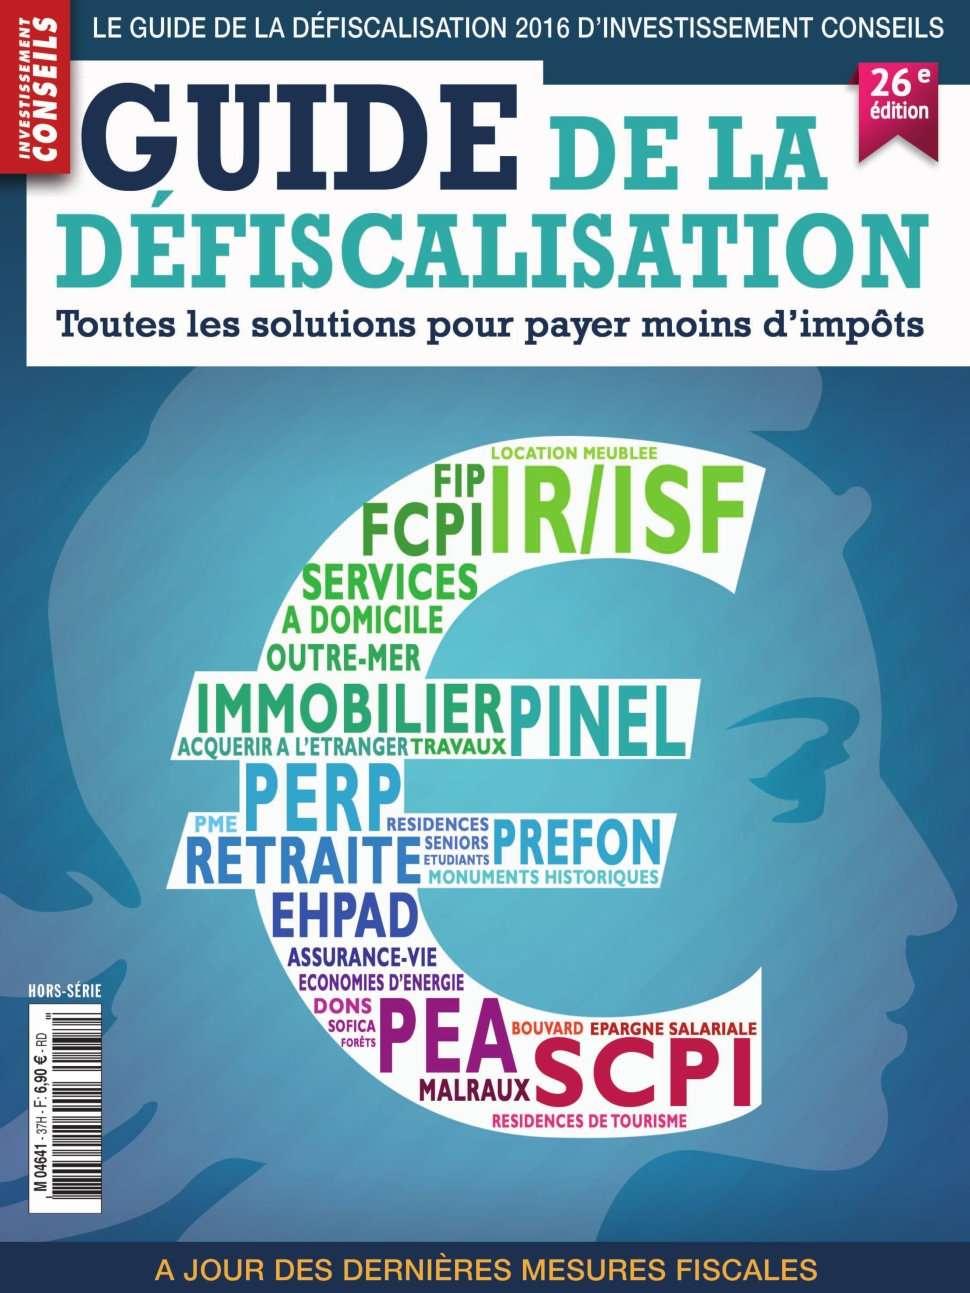 Investissement Conseils Hors-Série 37 - Guide de La Défiscalisation 2016